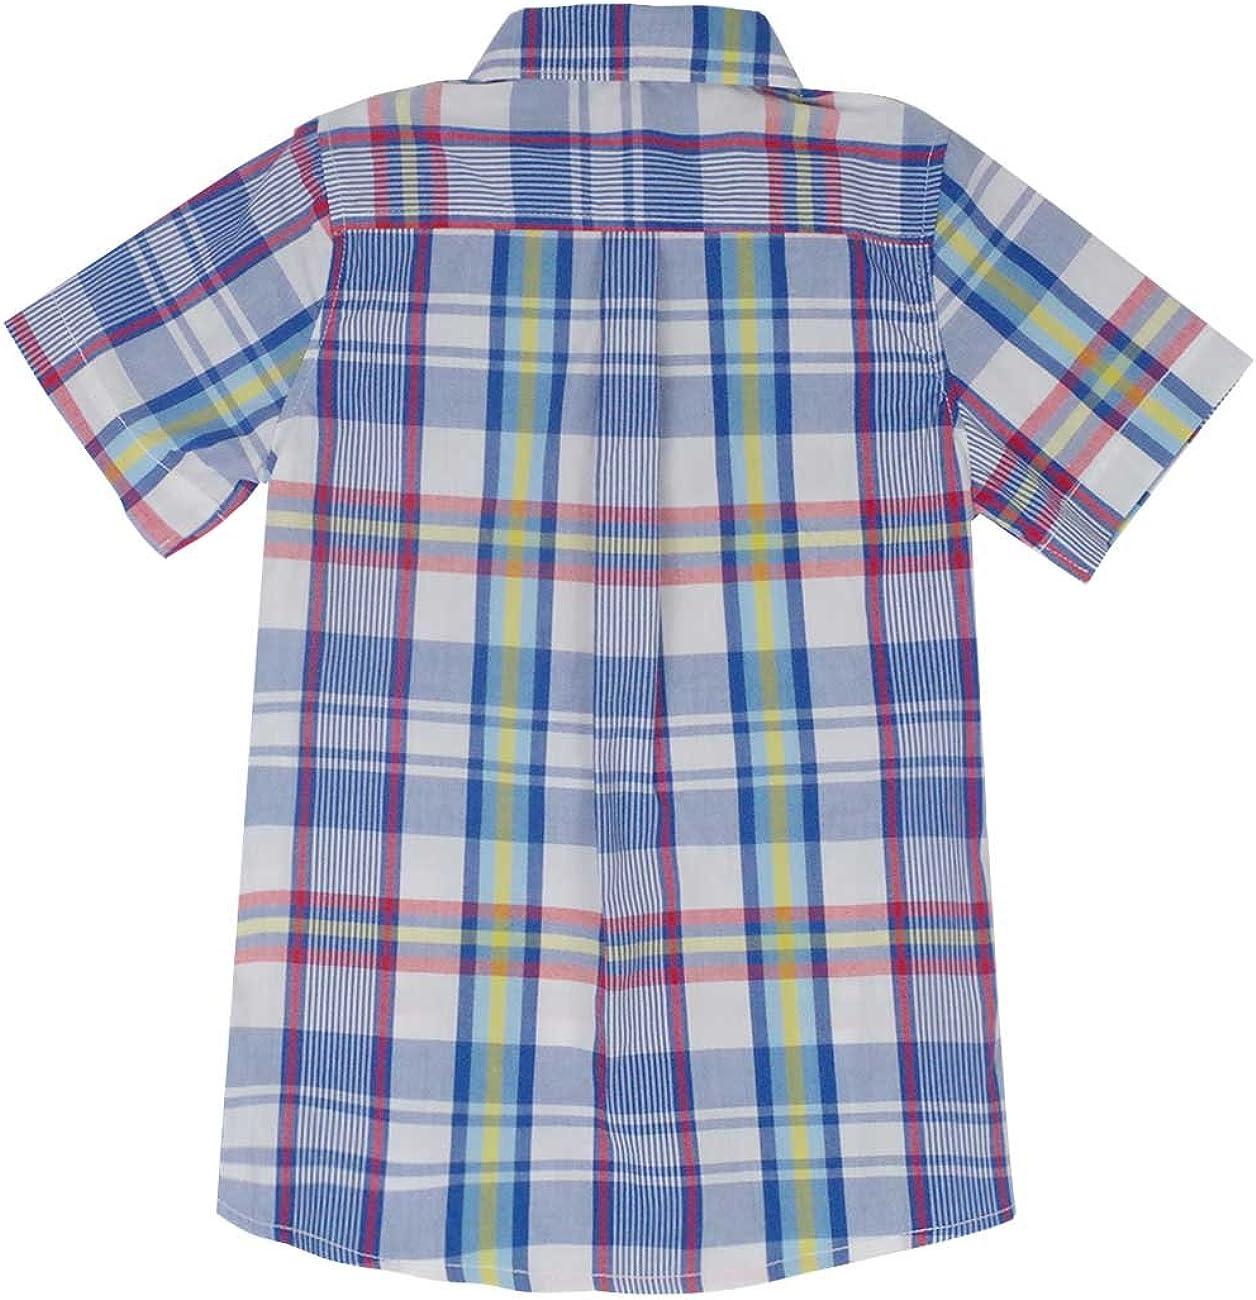 Spring /& Gege Ragazzo Camicie a Quadri Maniche Corta Casual Shirt per Bambini